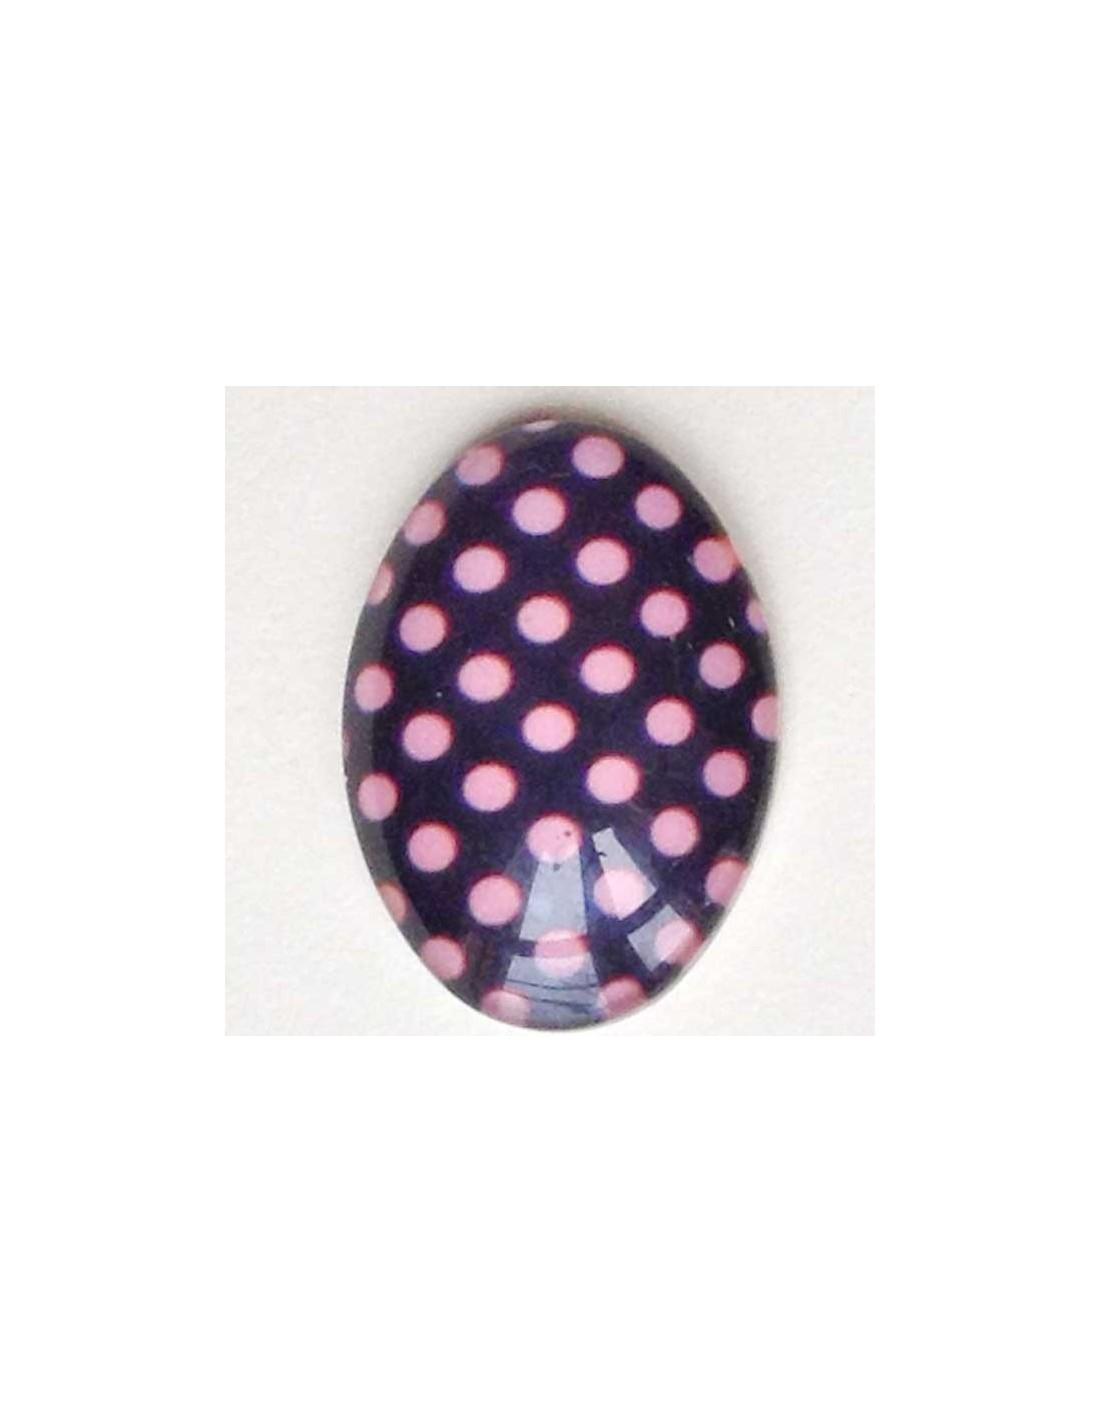 Cabochon Di Vetro Ovale 13x18 Sfondo Nero Con Pois Rosa Salmone